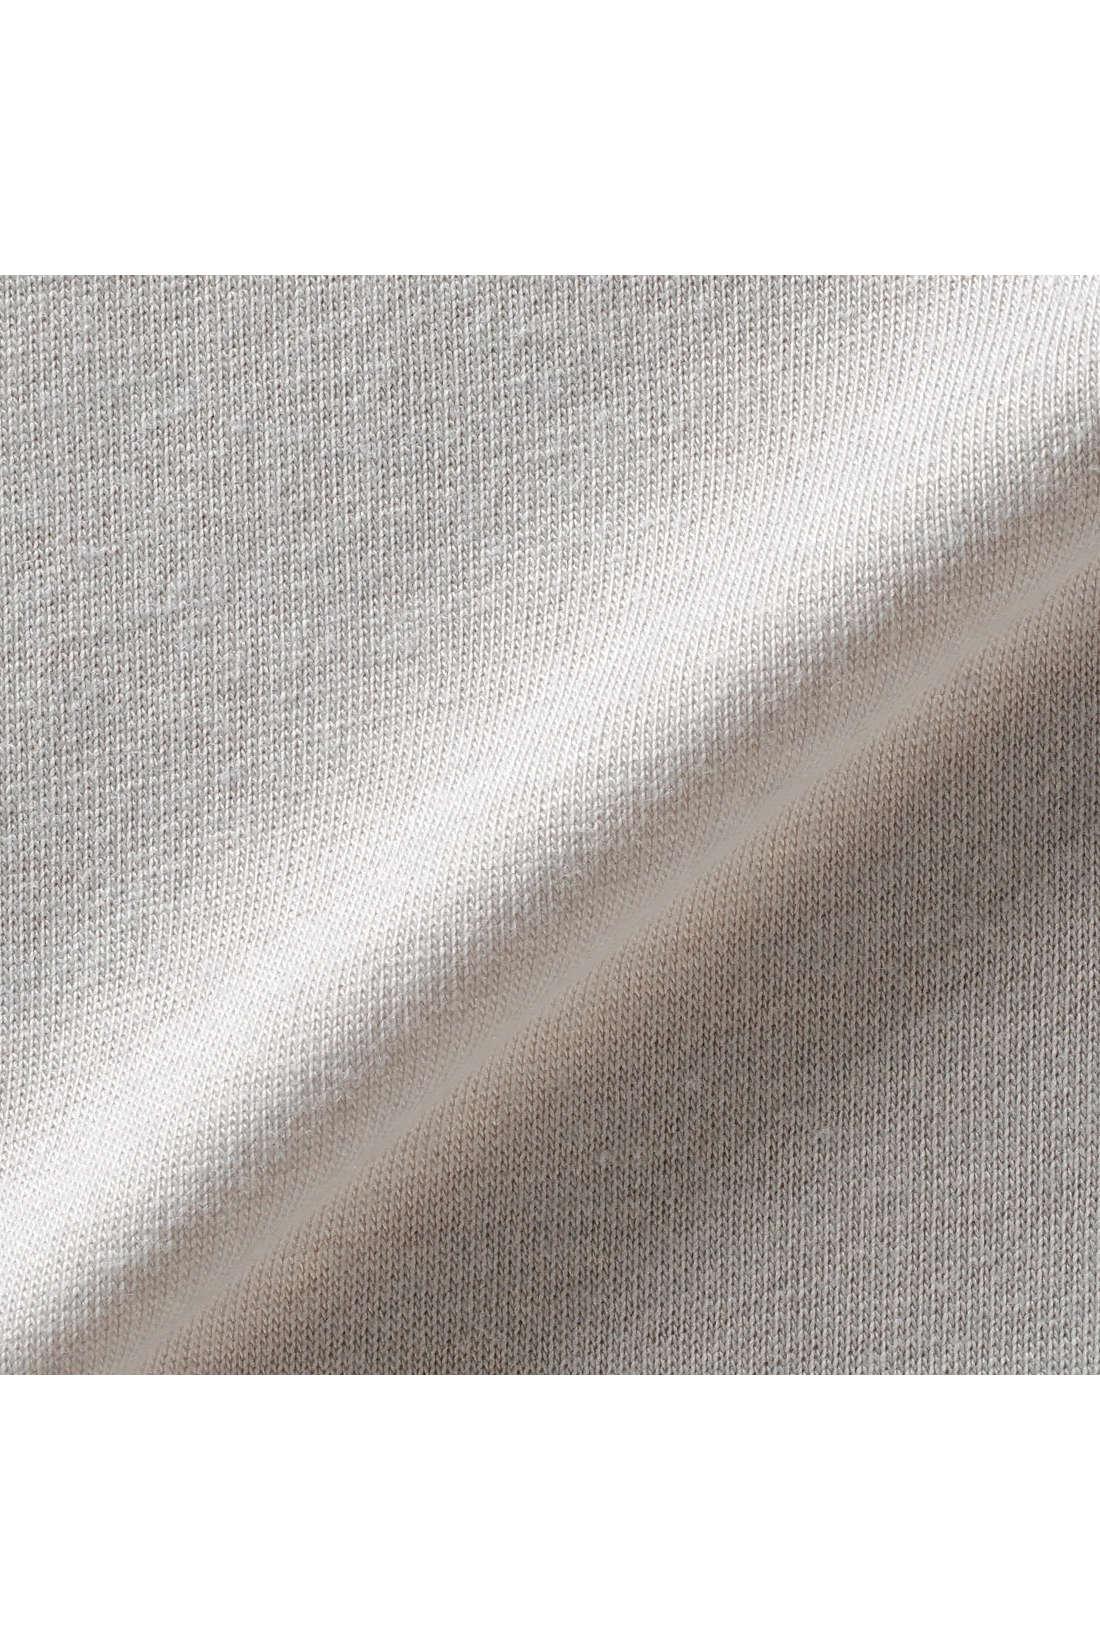 しなやかカットソーと上質なつや感のサテンの異素材コンビがほどよい華やぎと落ち感を演出。